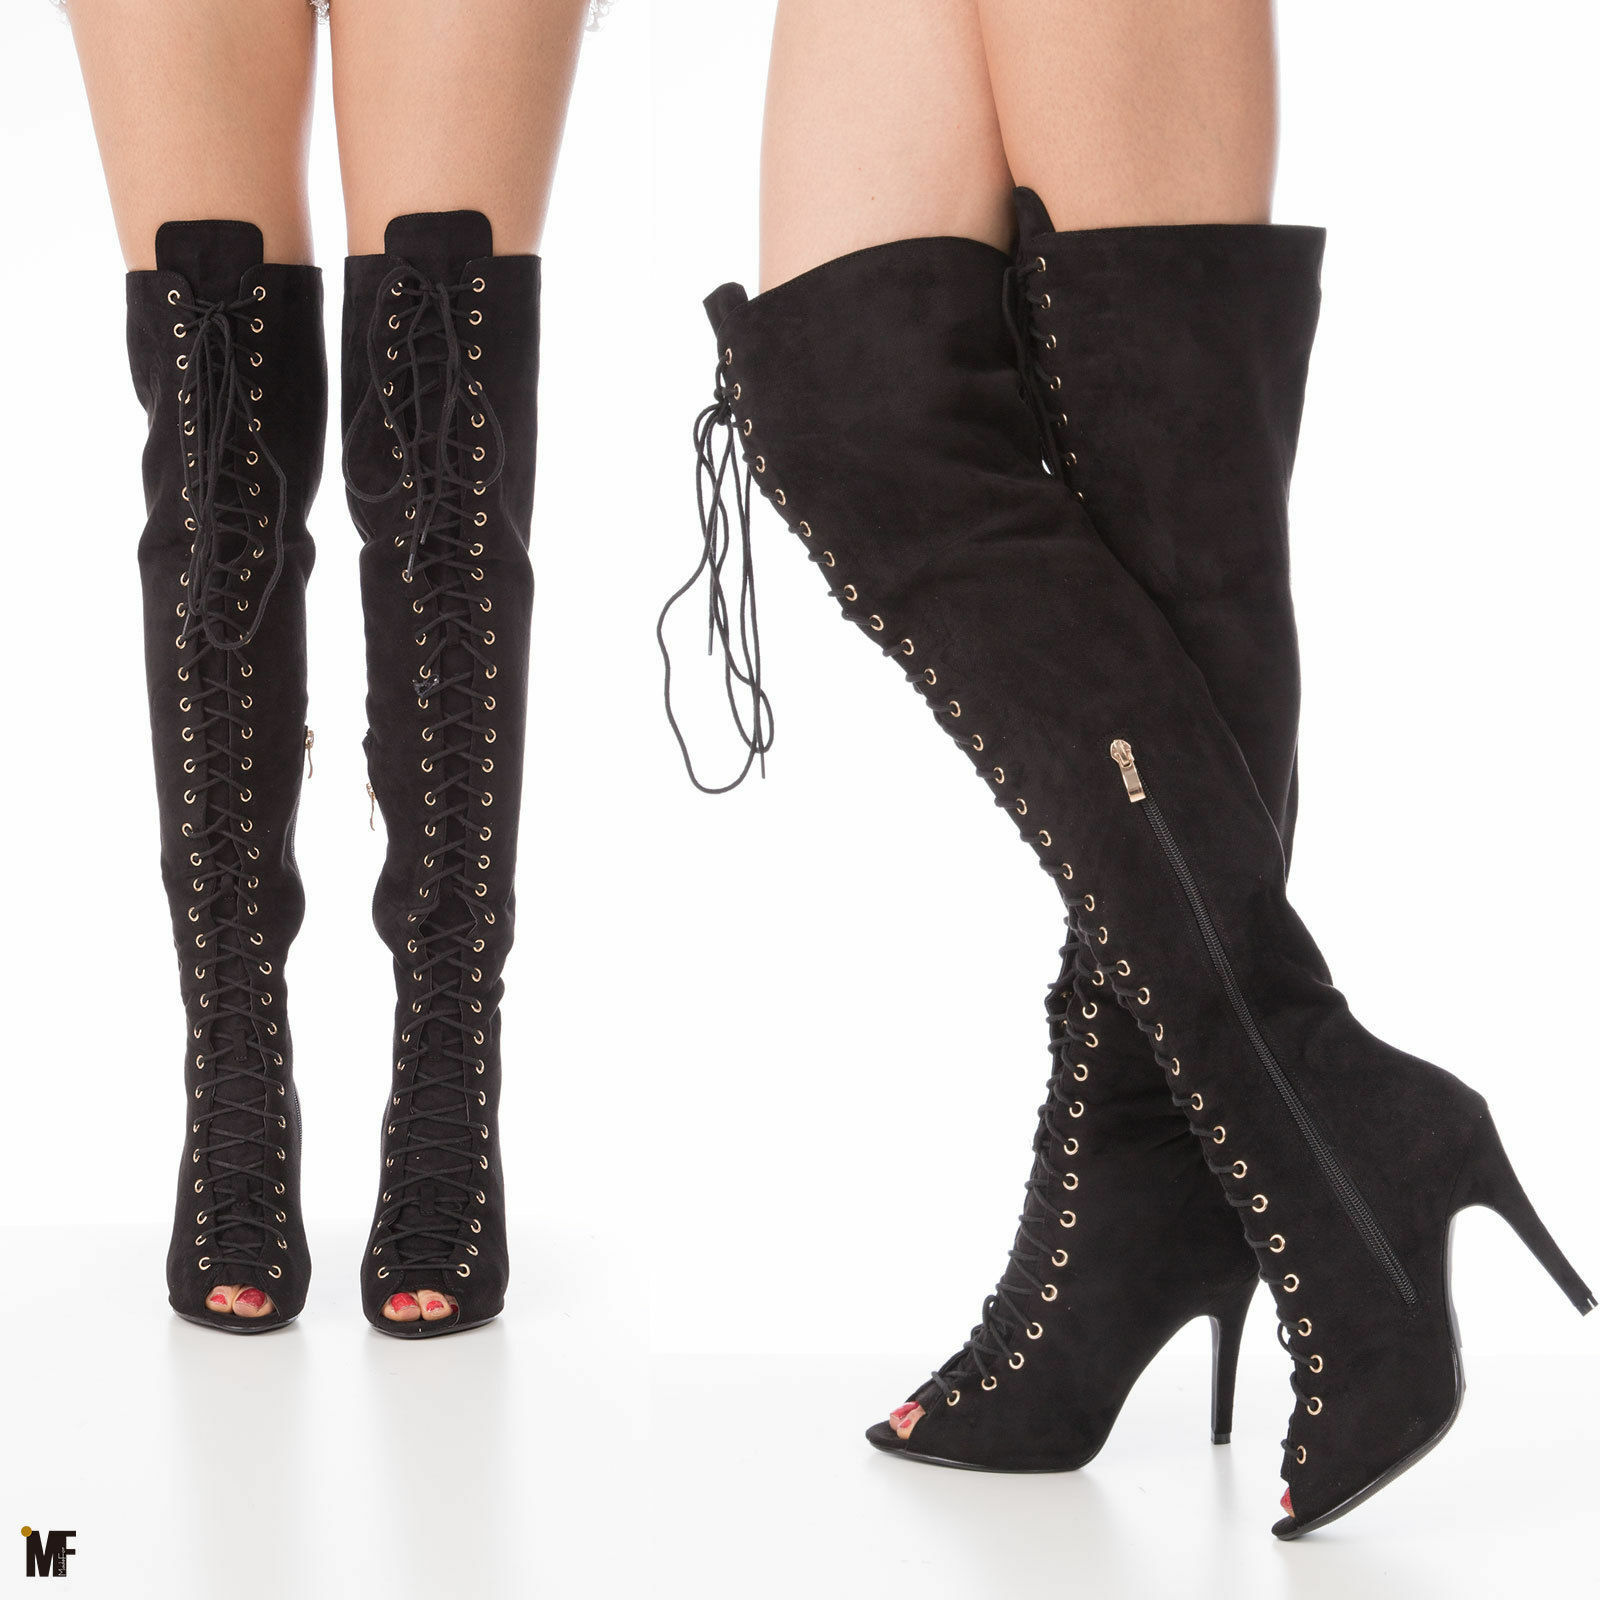 zapatos mujer botas coscia stringati open toe tacco alto 10  scamosciati 9097-3